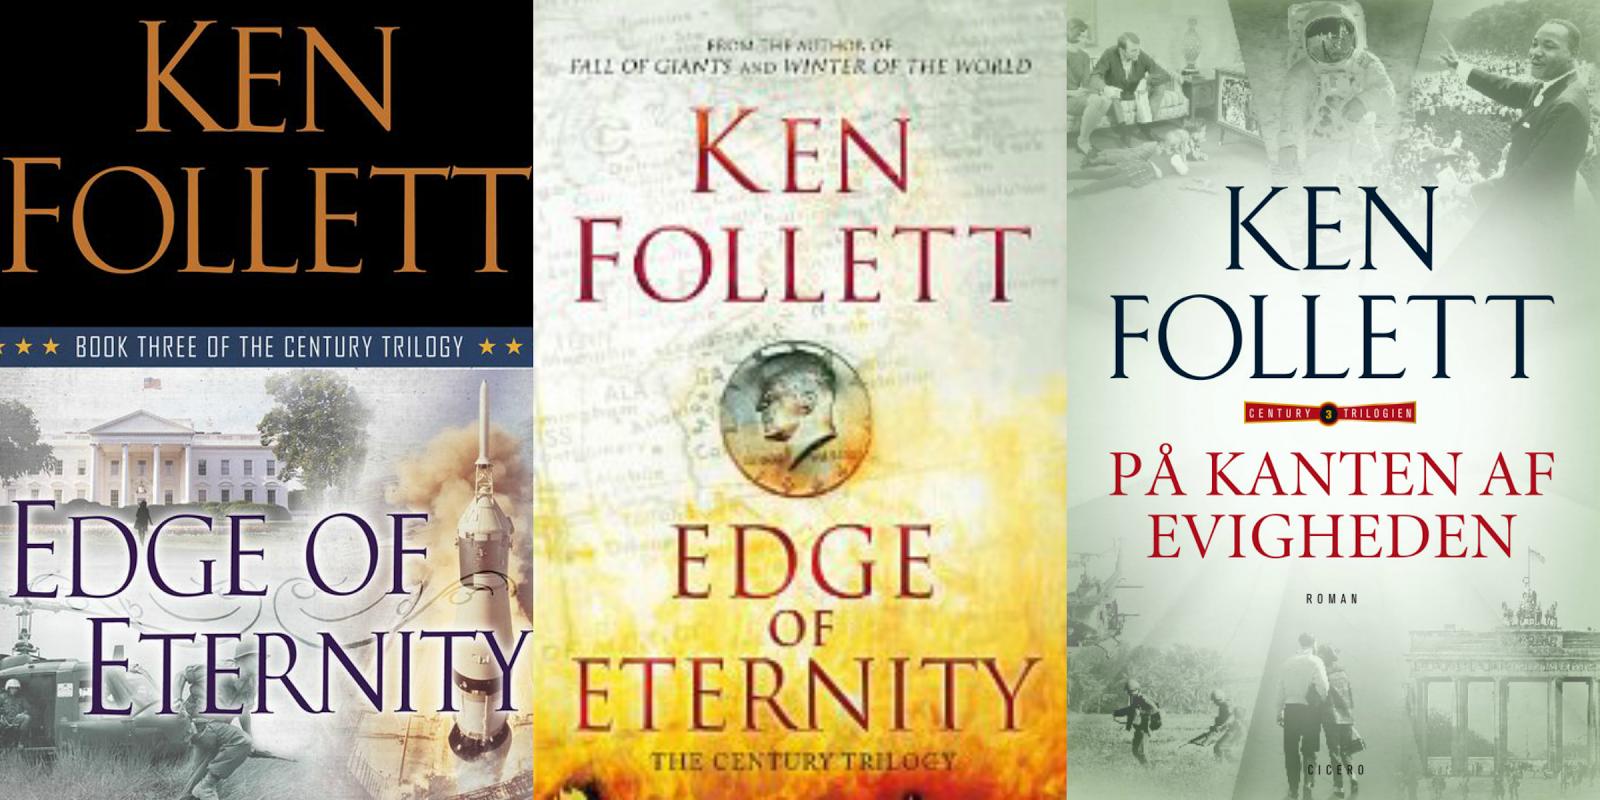 Llega el desenlace de la trilogía The Century, de Ken Follett  Portadas